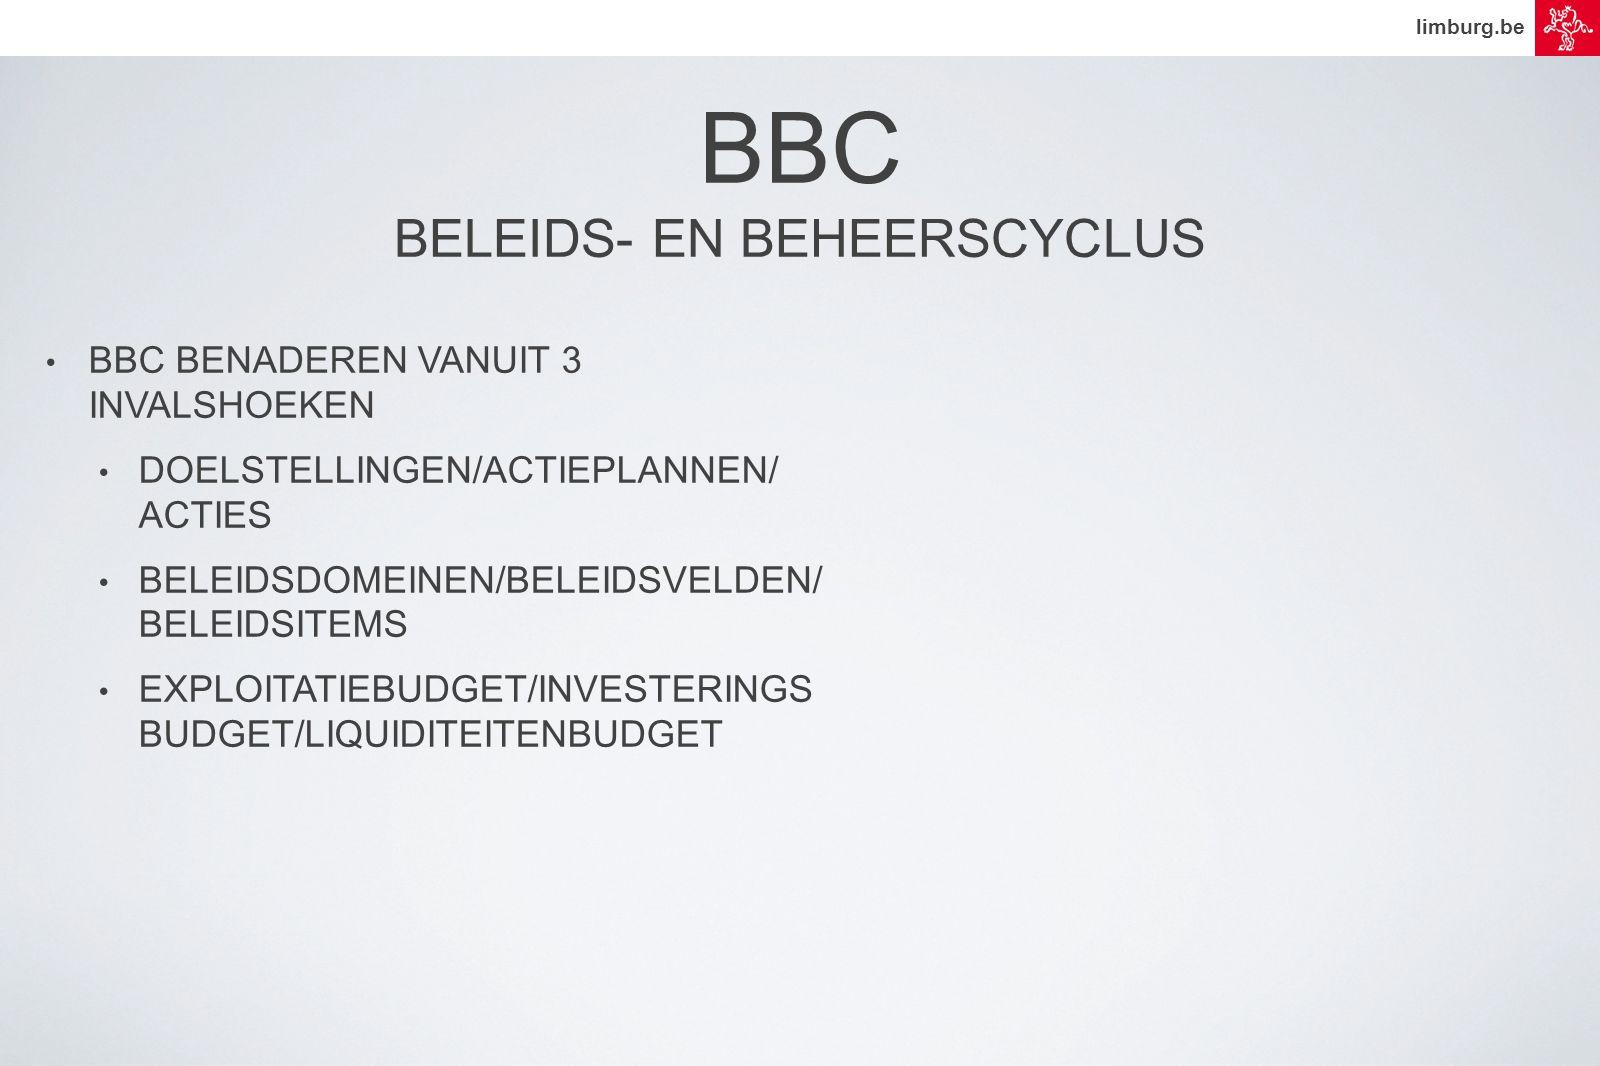 limburg.be • BBC BENADEREN VANUIT 3 INVALSHOEKEN • DOELSTELLINGEN/ACTIEPLANNEN/ ACTIES • BELEIDSDOMEINEN/BELEIDSVELDEN/ BELEIDSITEMS • EXPLOITATIEBUDGET/INVESTERINGS BUDGET/LIQUIDITEITENBUDGET BBC BELEIDS- EN BEHEERSCYCLUS